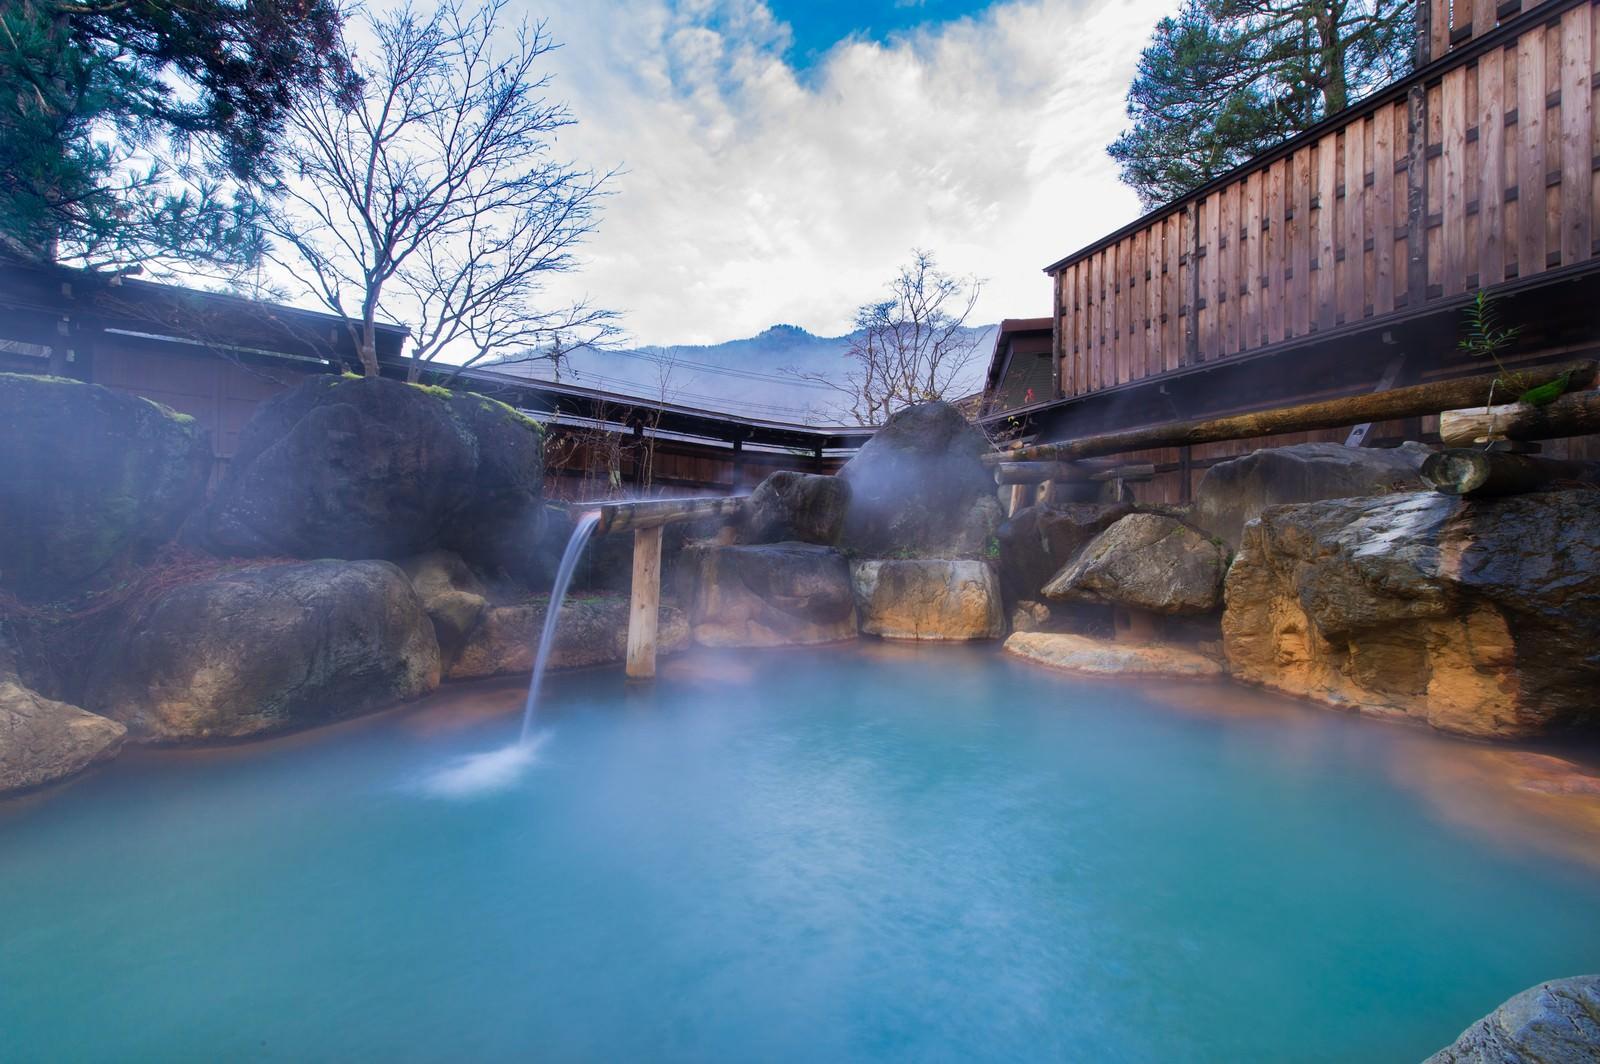 「泳げるほど広い平湯館の源泉かけ流し岩露天風呂」の写真